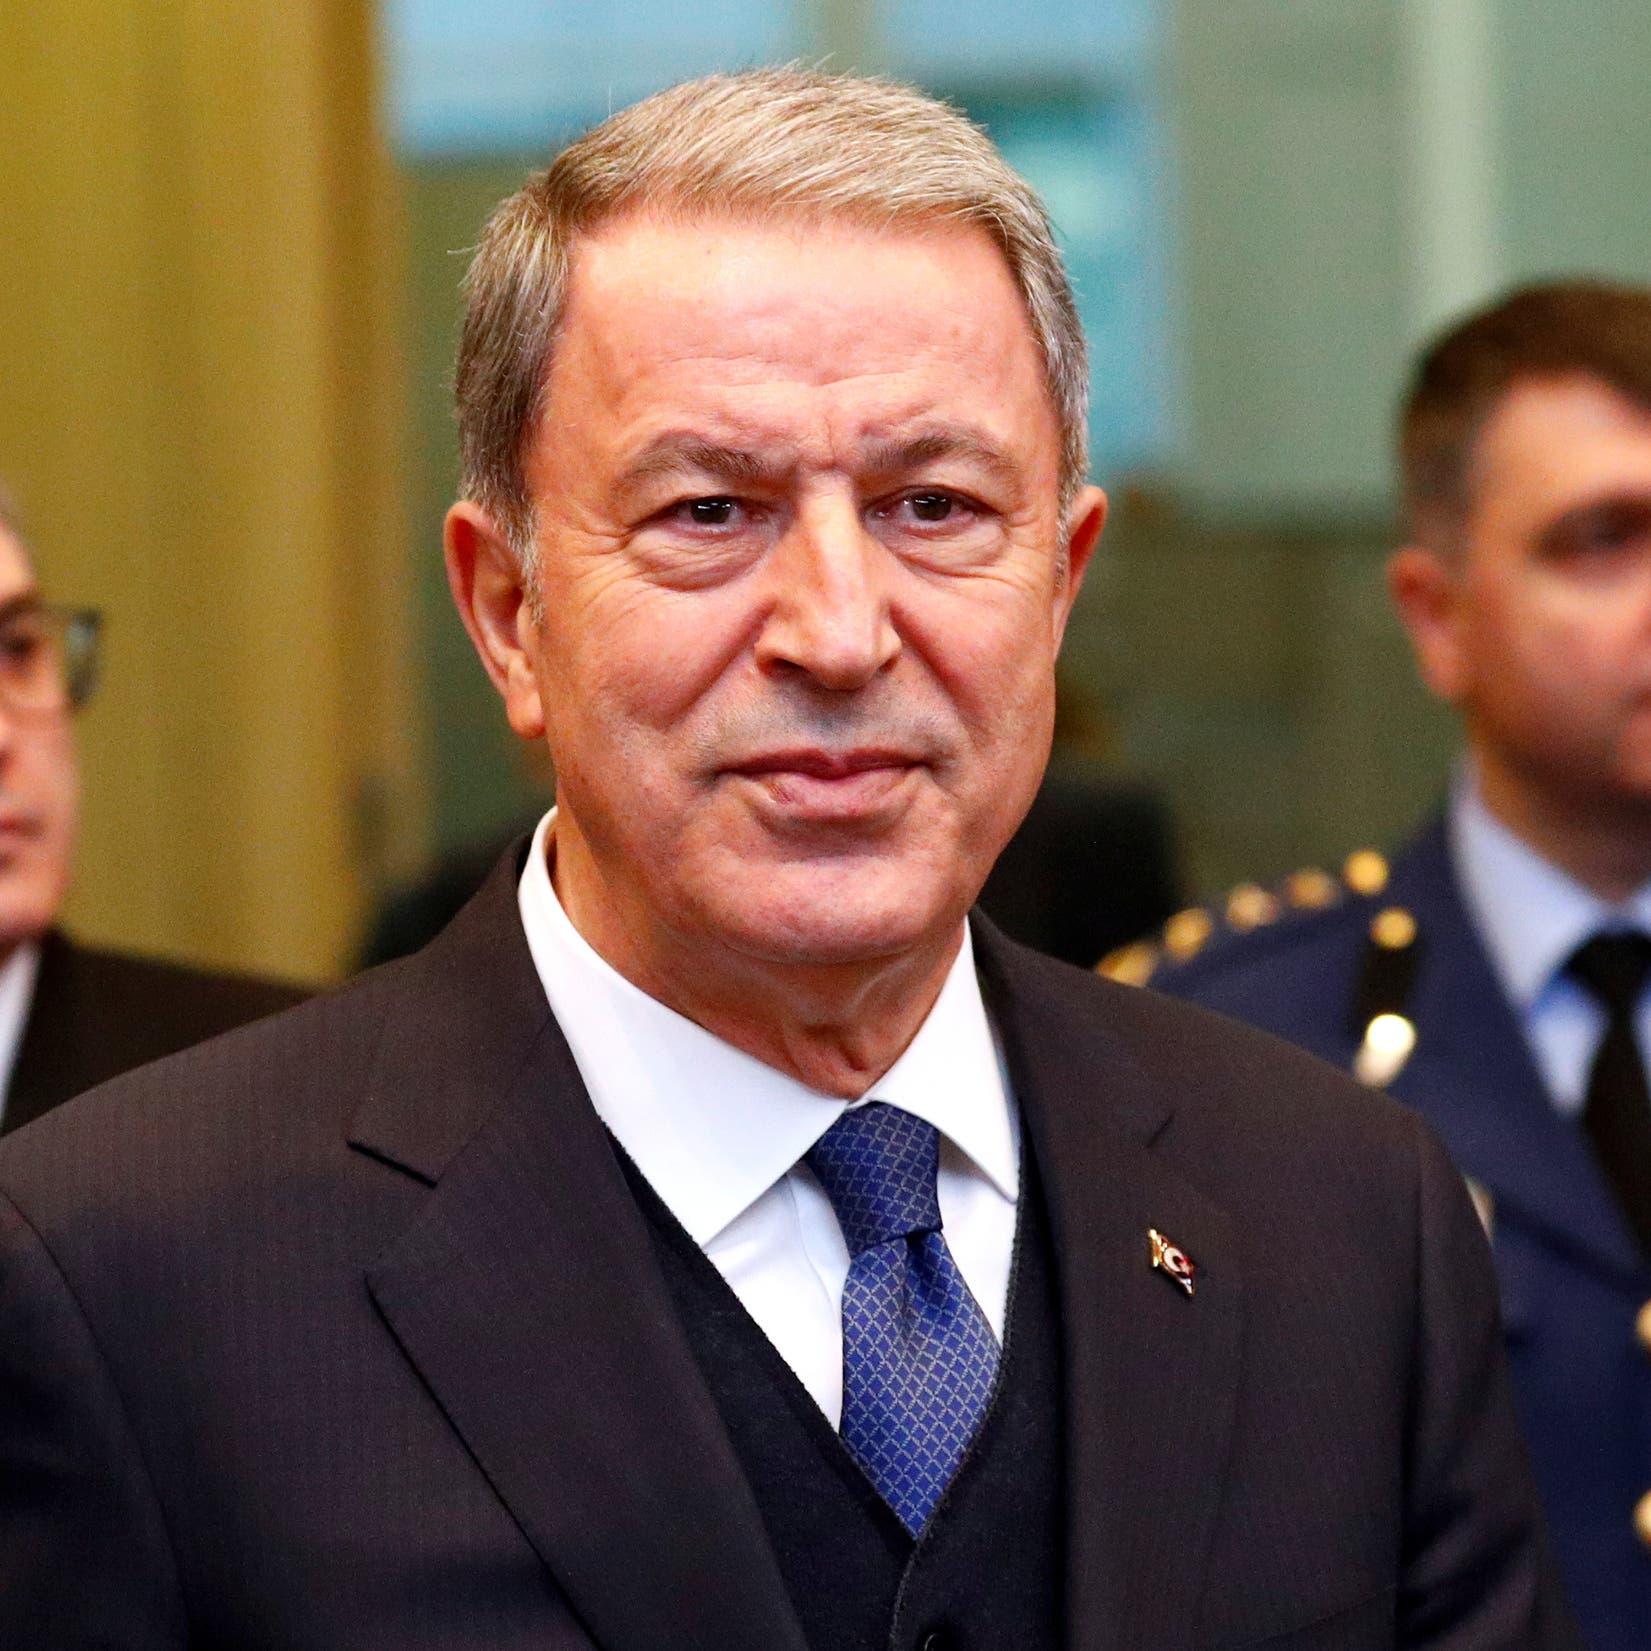 تركيا: سلوك اليونان ونهجها تجاهنا استفزازي